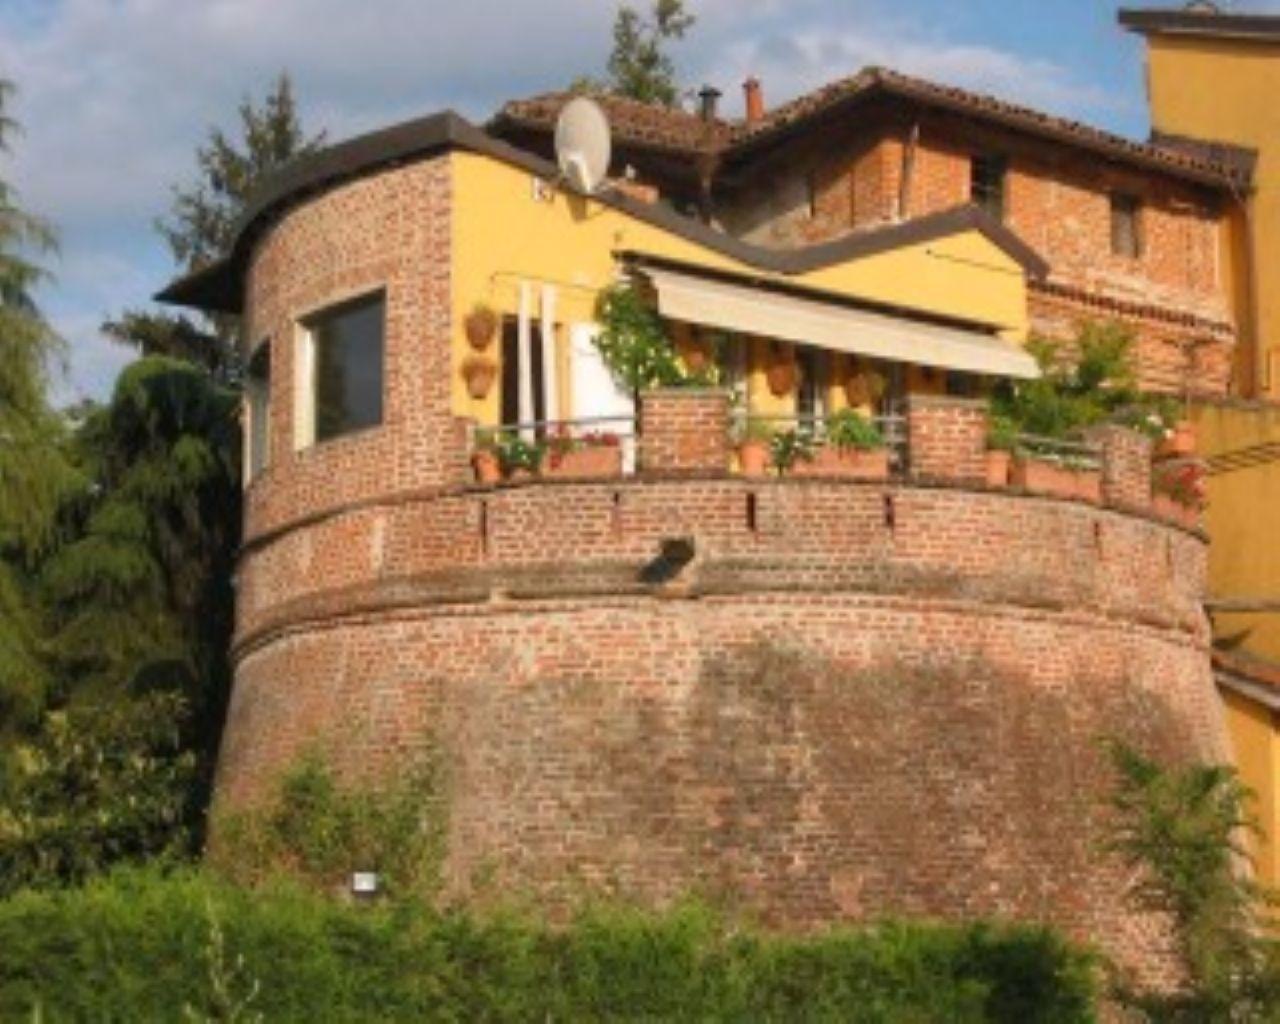 Appartamento in vendita a Chignolo Po, 2 locali, prezzo € 76.000 | CambioCasa.it